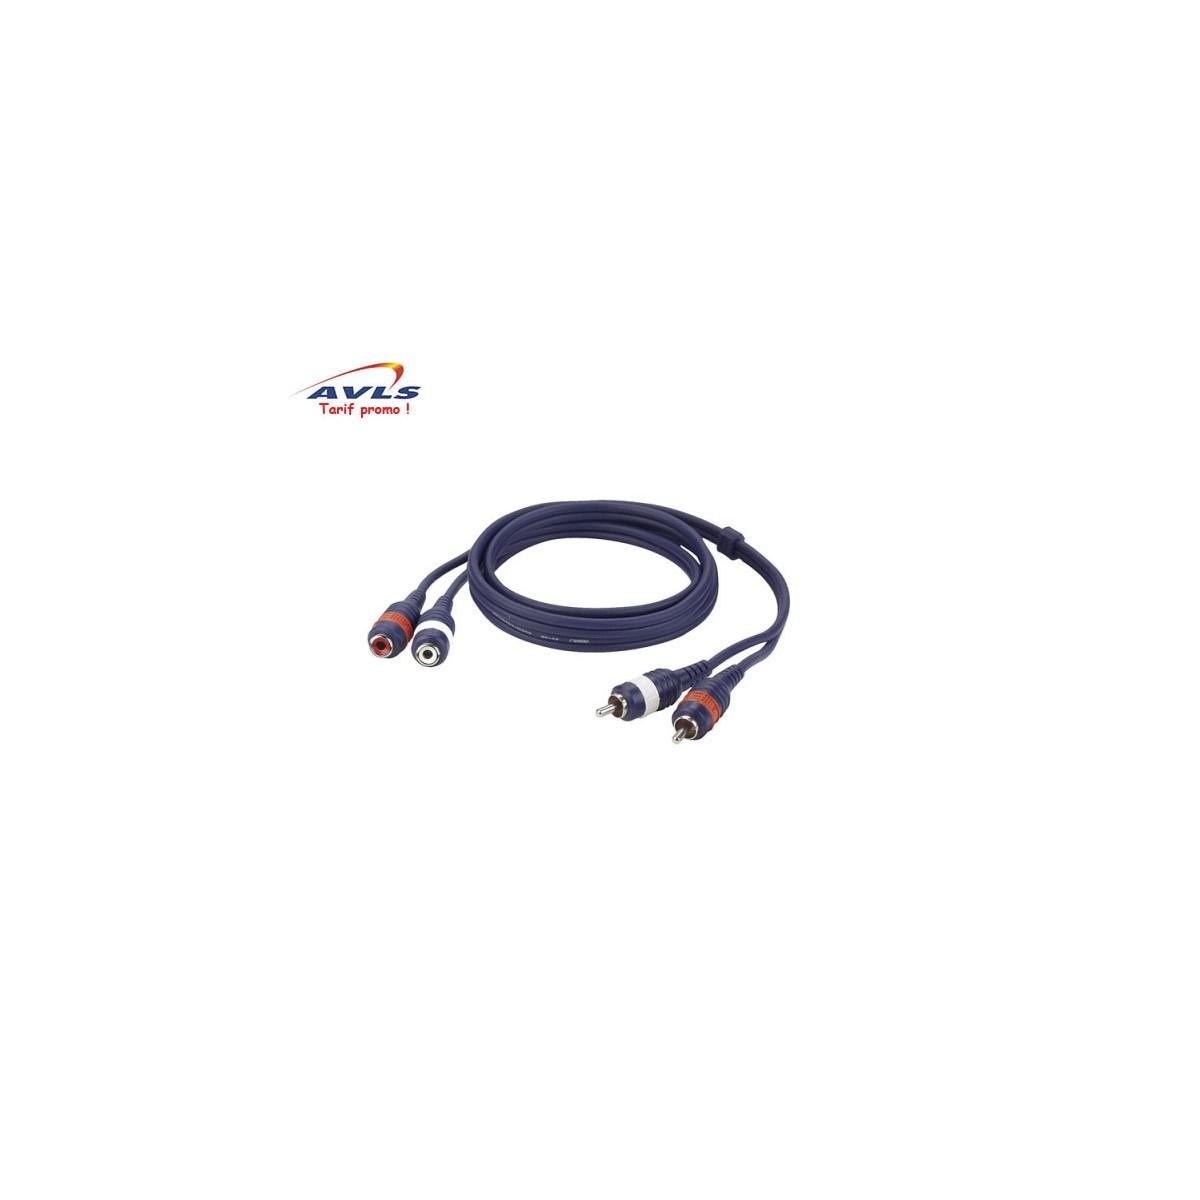 Câble Rca 3 m : 2 x Rca mâle / 2 x Rca femelle